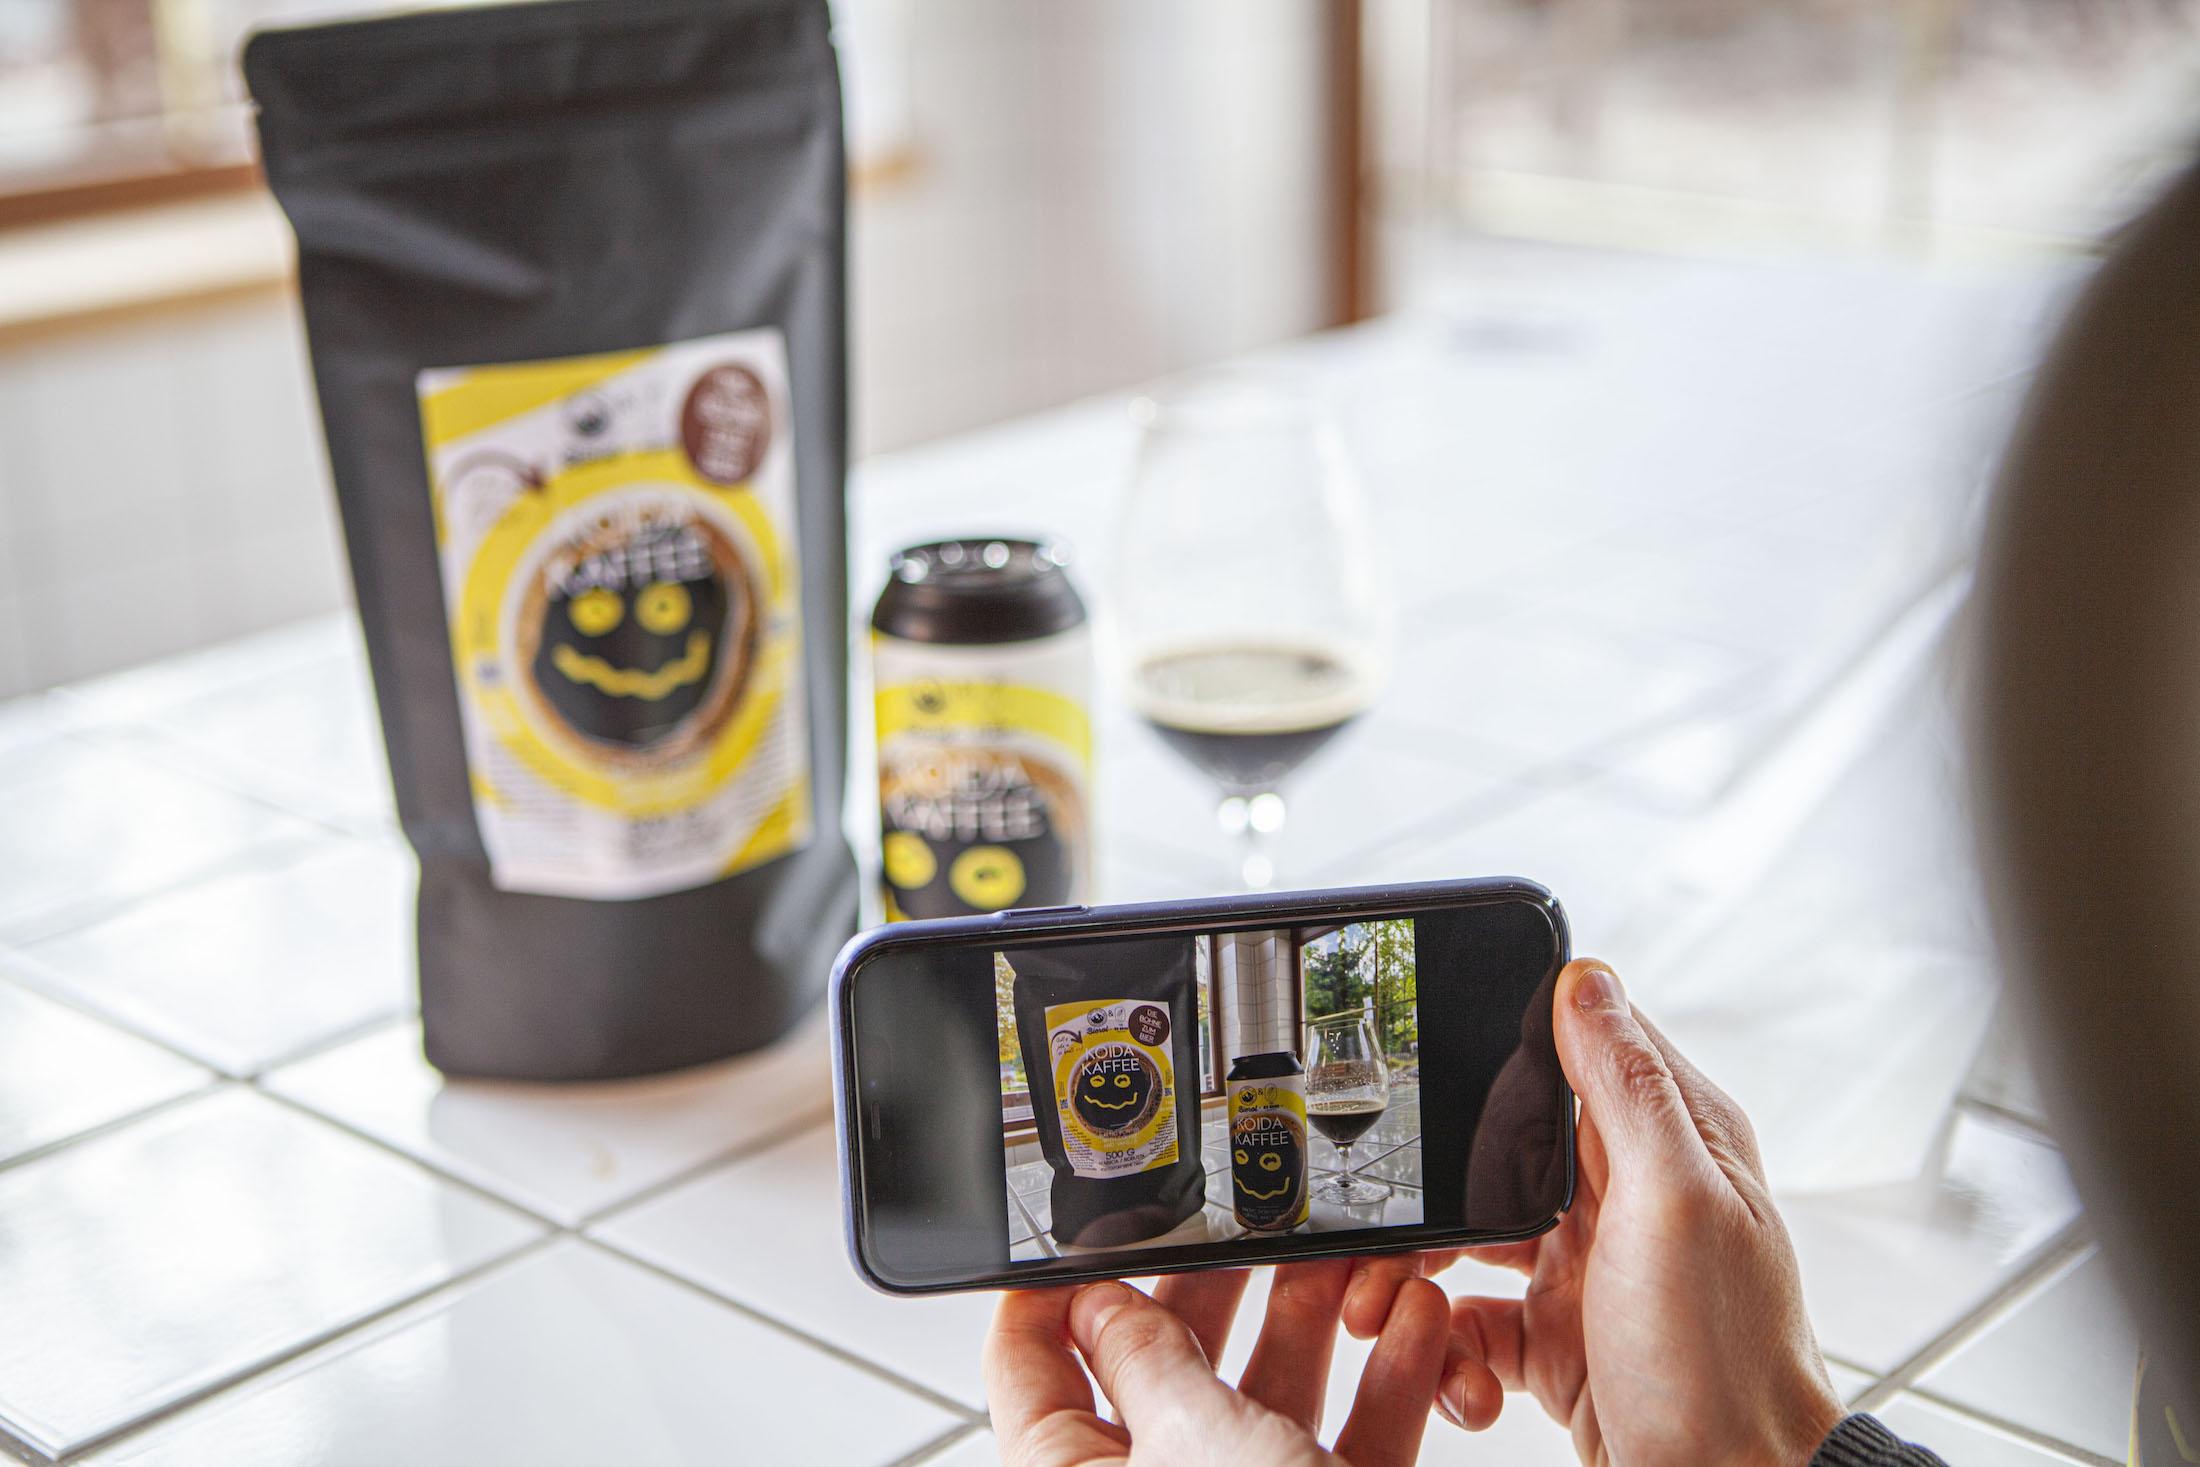 Das Kaffee Bier von Bierol steht in einer Dose auf einem Fliesentisch. Davor steht ein Glas mit einem Schluck Craft Bier, dahinter steht der Kaffee in Packung